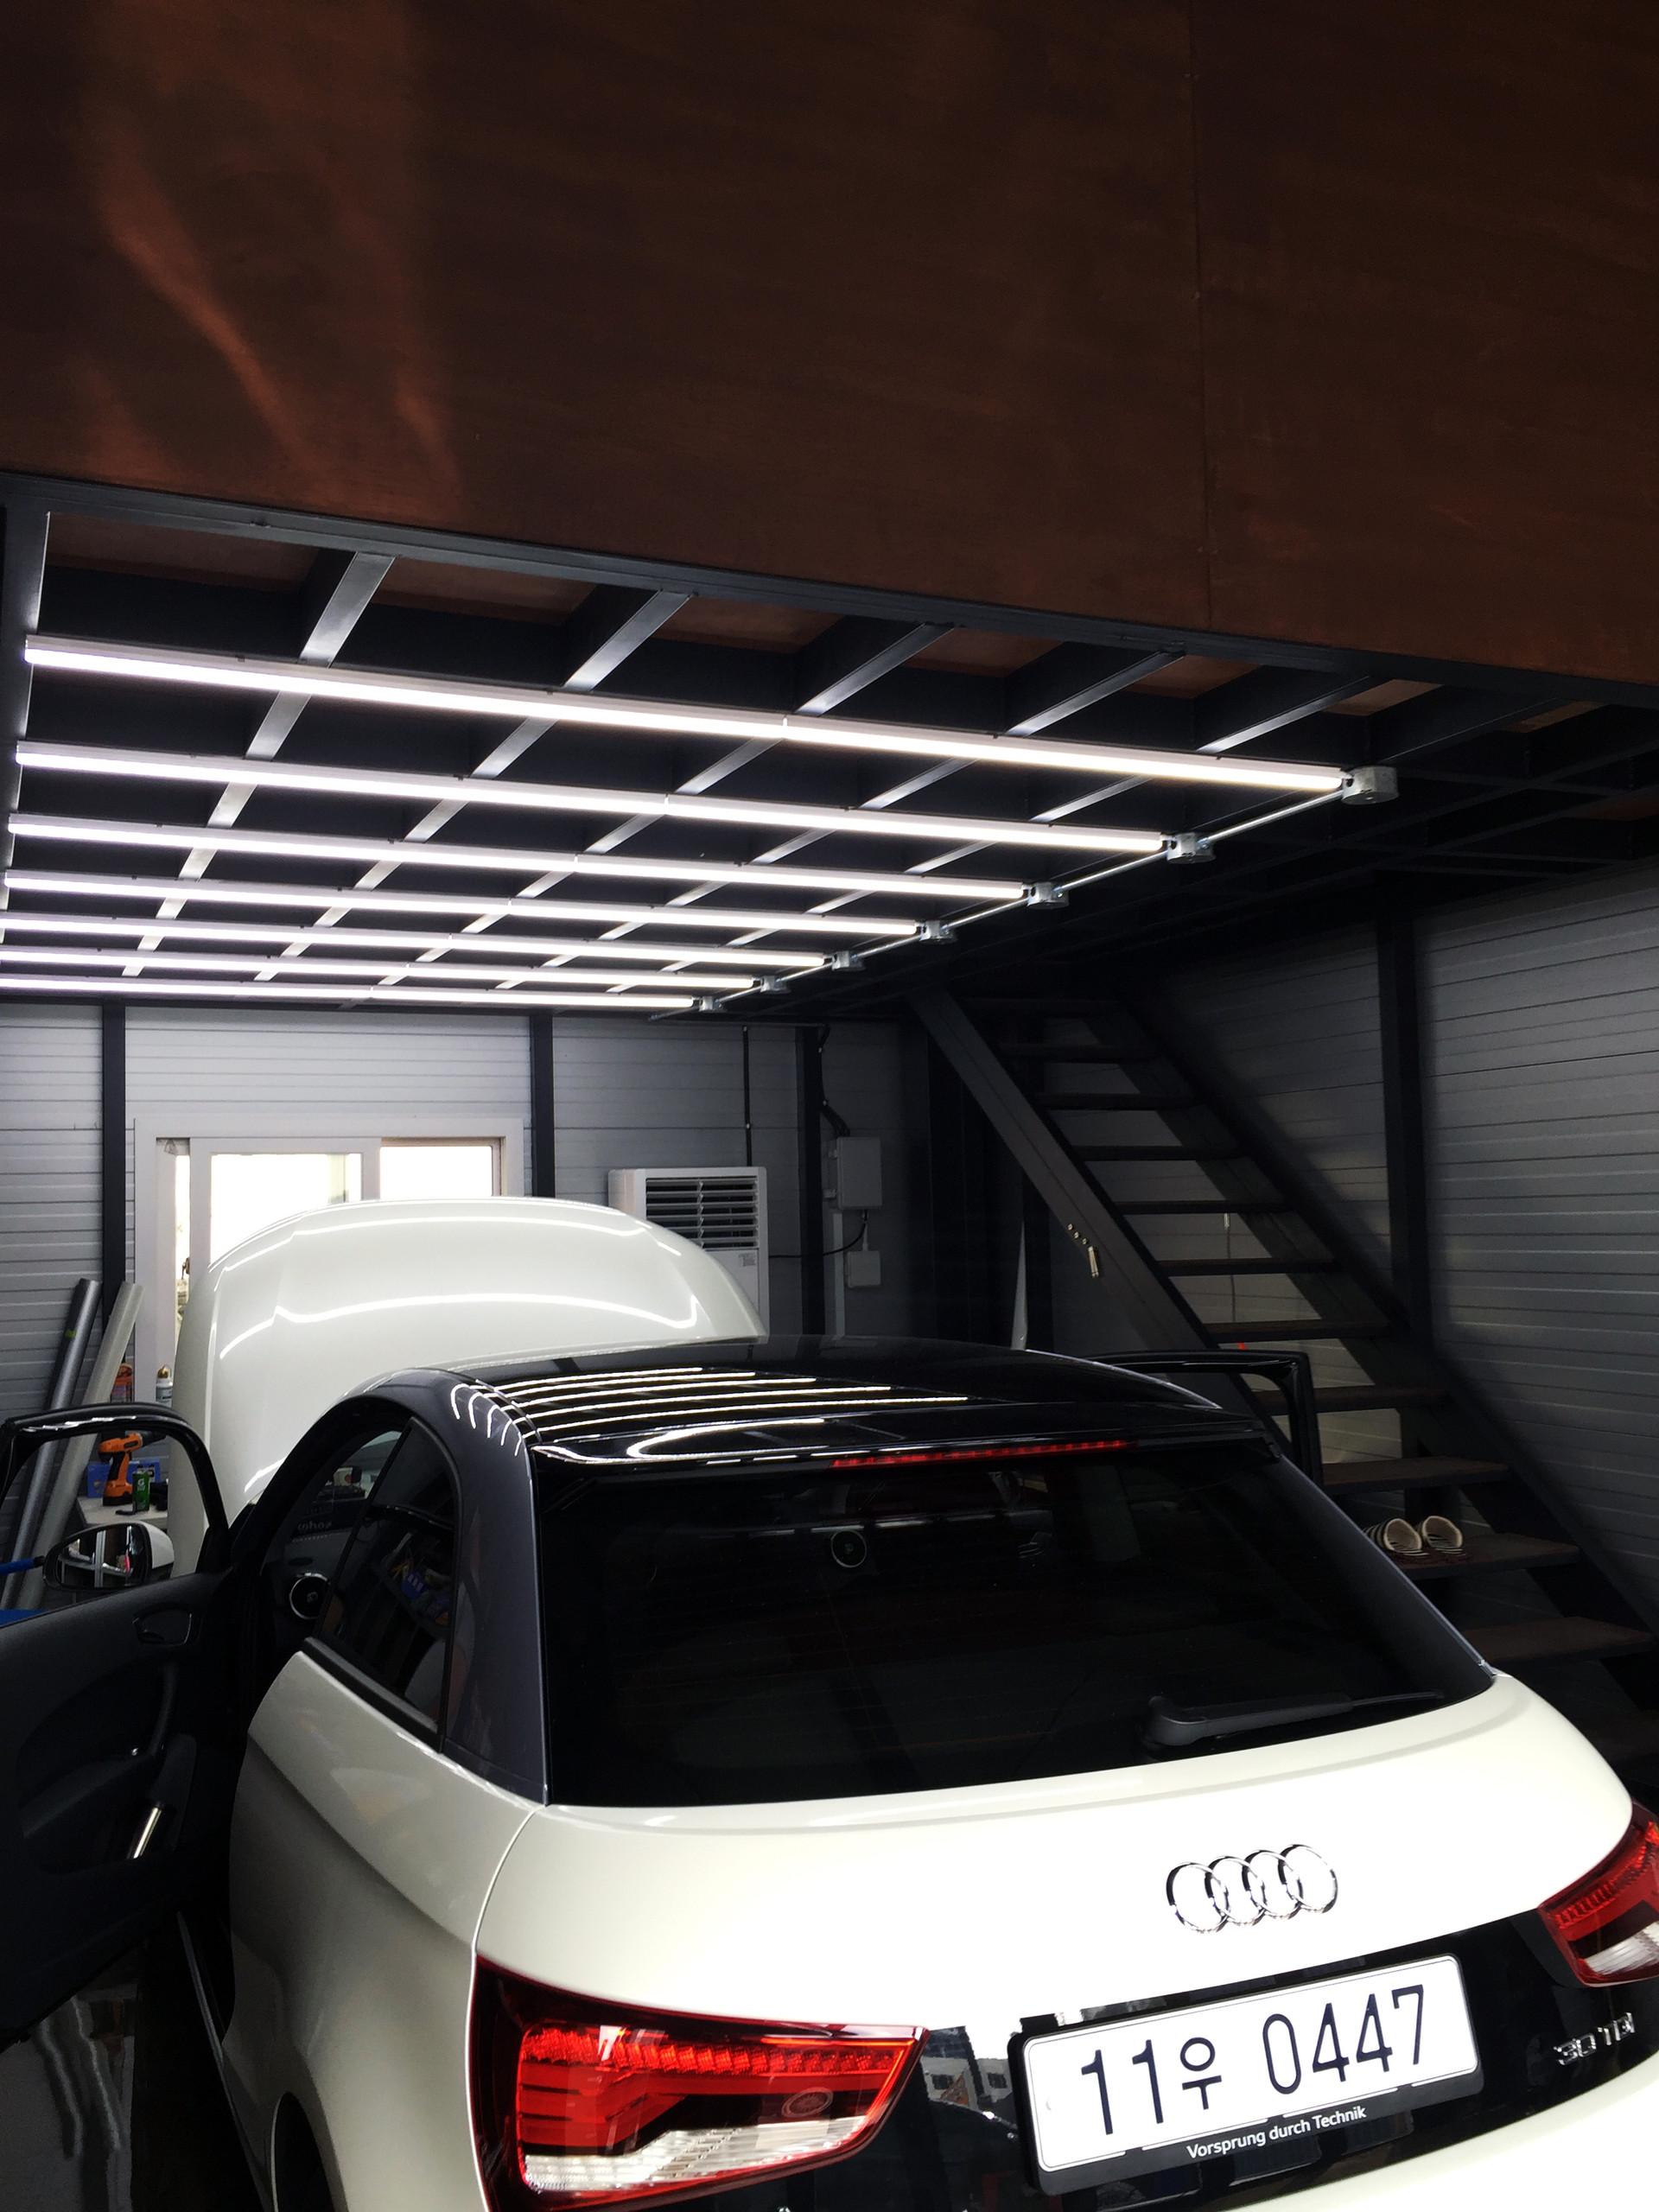 ANYANG CAR TUNING SHOP